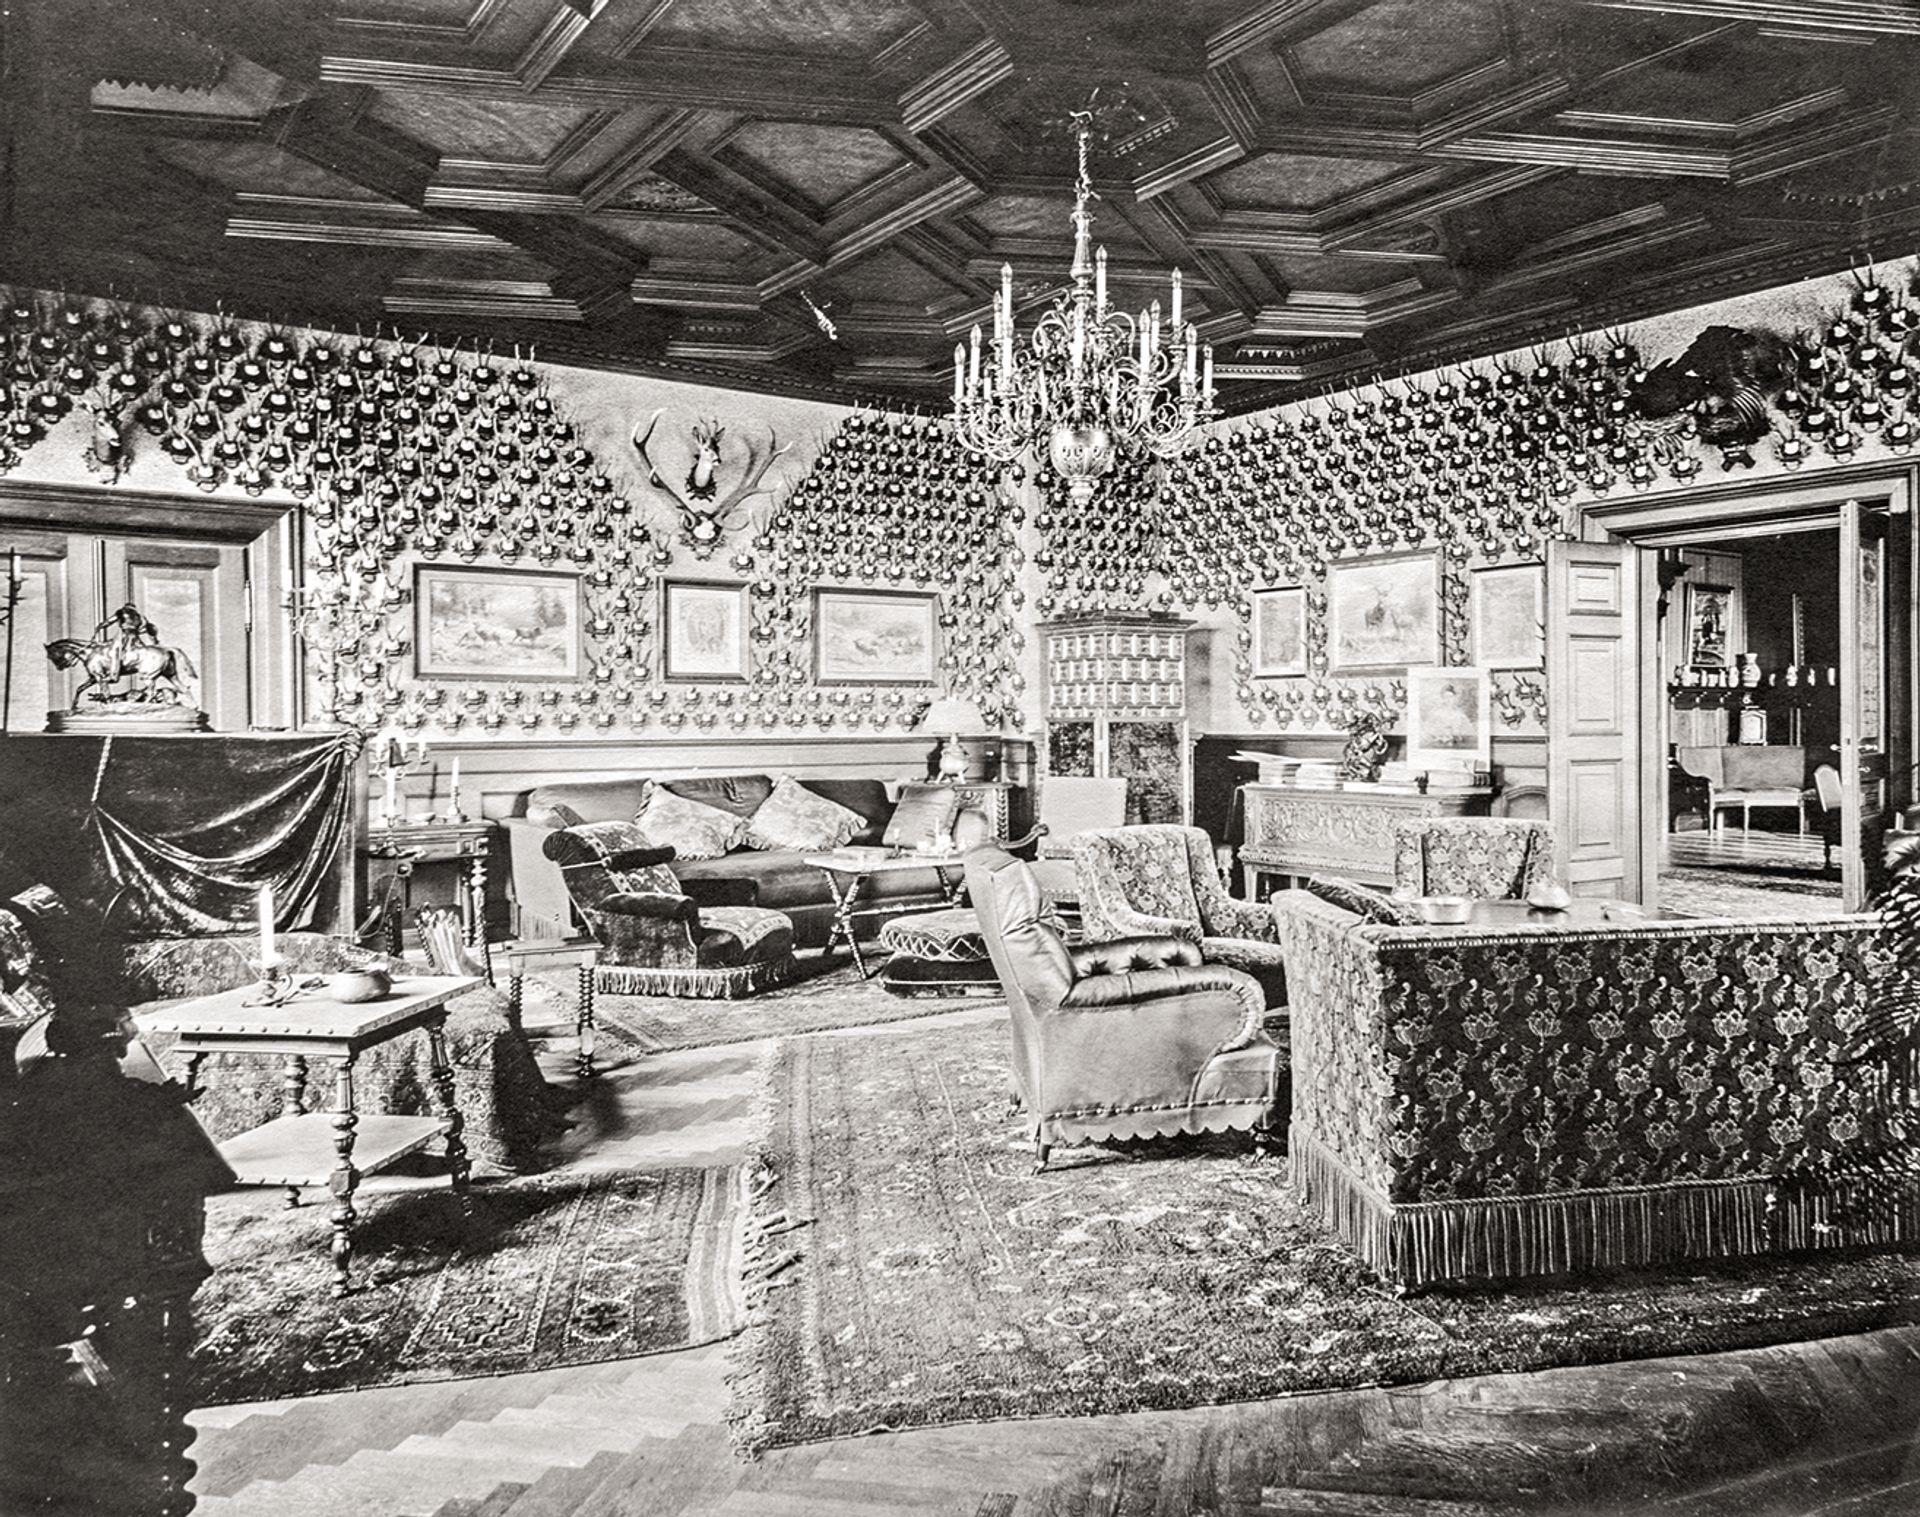 Franz Ferdinand's Krickelsalon (chamois horn room) in his country seat of Konopiště in the Czech Republic